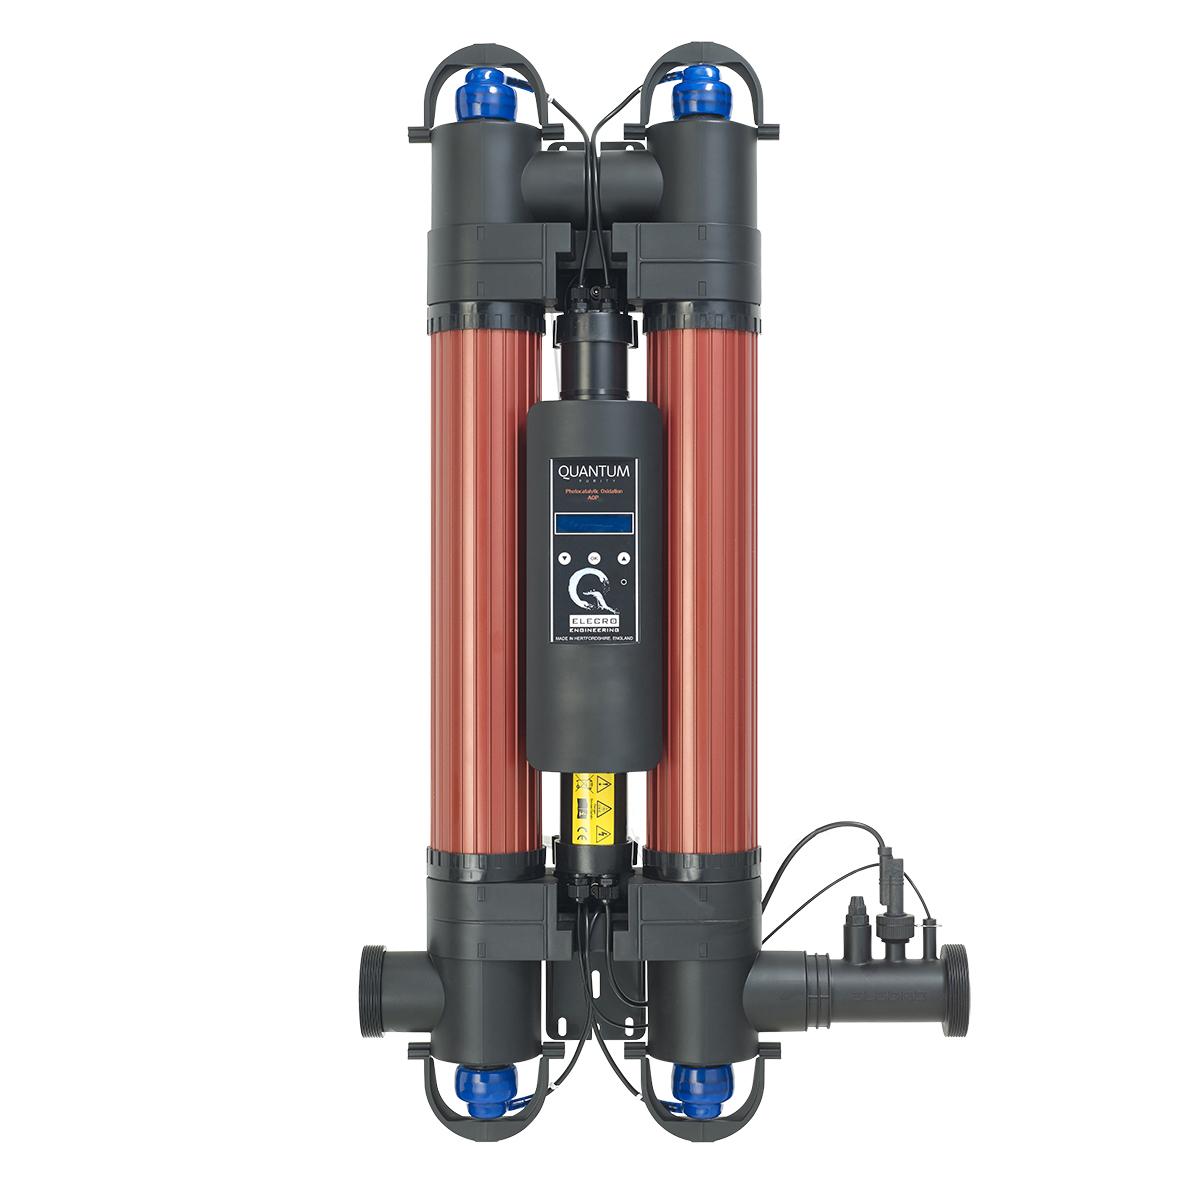 Smart Quantum Photokatalytische Wasseraufbereitung 55W Smart Quantum Photokatalytische Wasseraufbereitung 55W